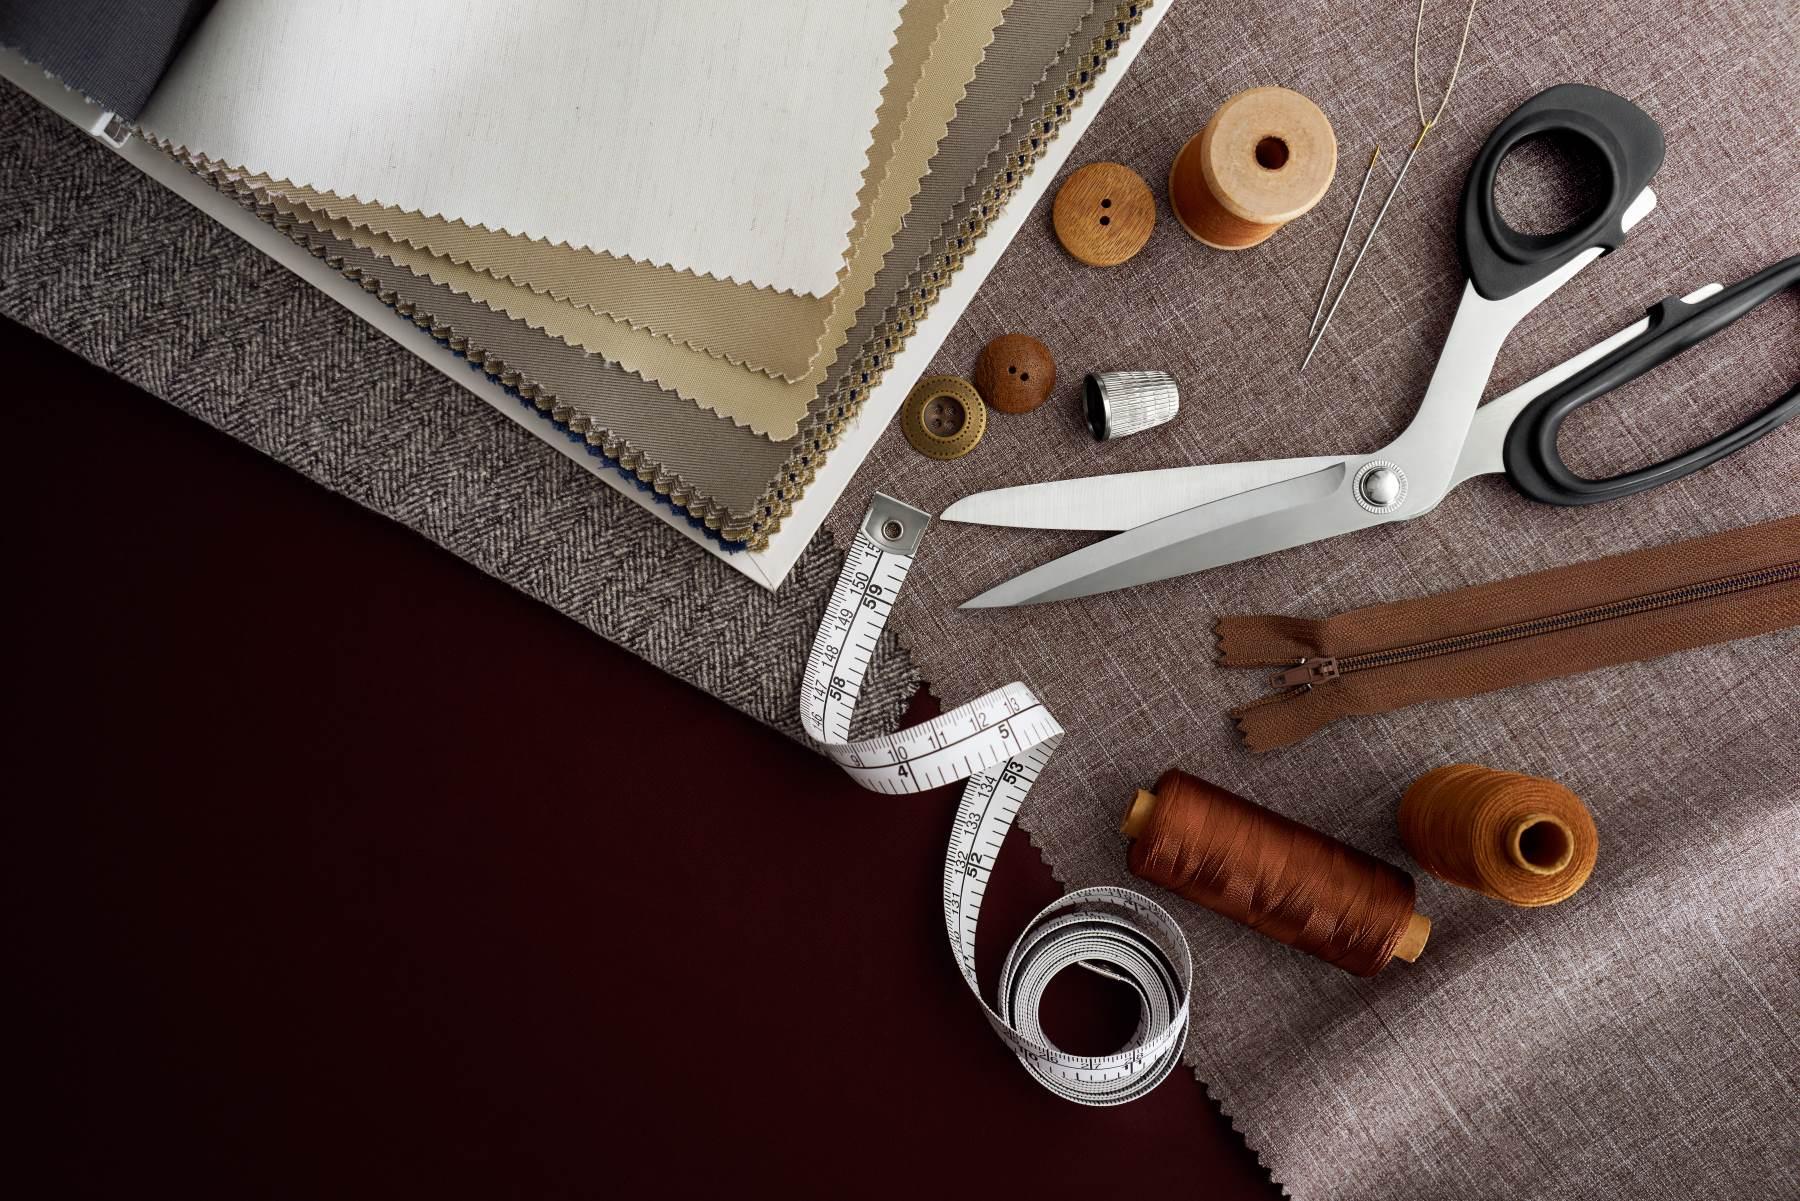 Forbici, bottoni, zip, misura a nastro, filettatura e tamburo su tessuti